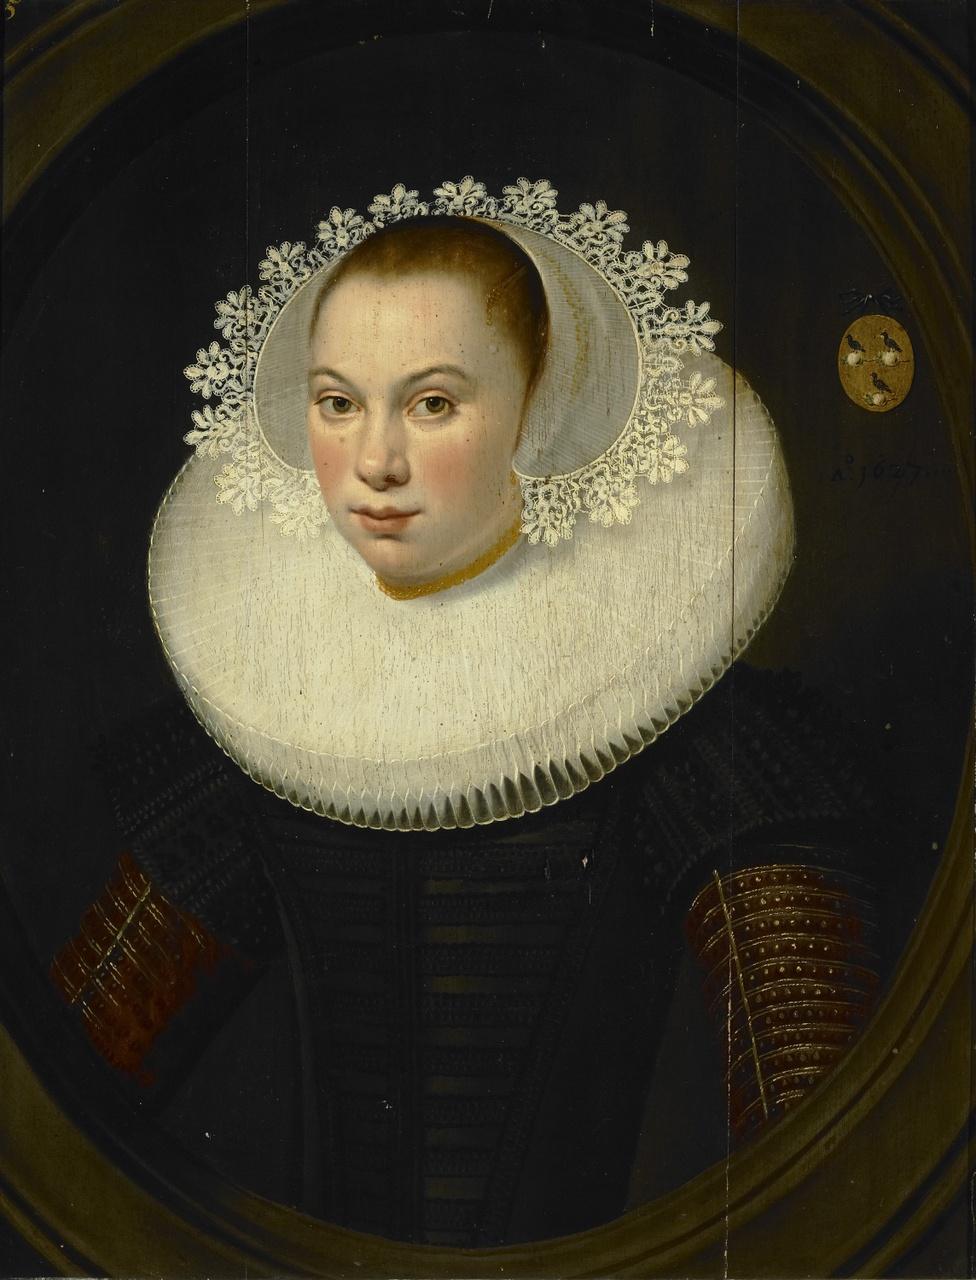 Anna de Looper (1611-1665), Salomon Mesdach